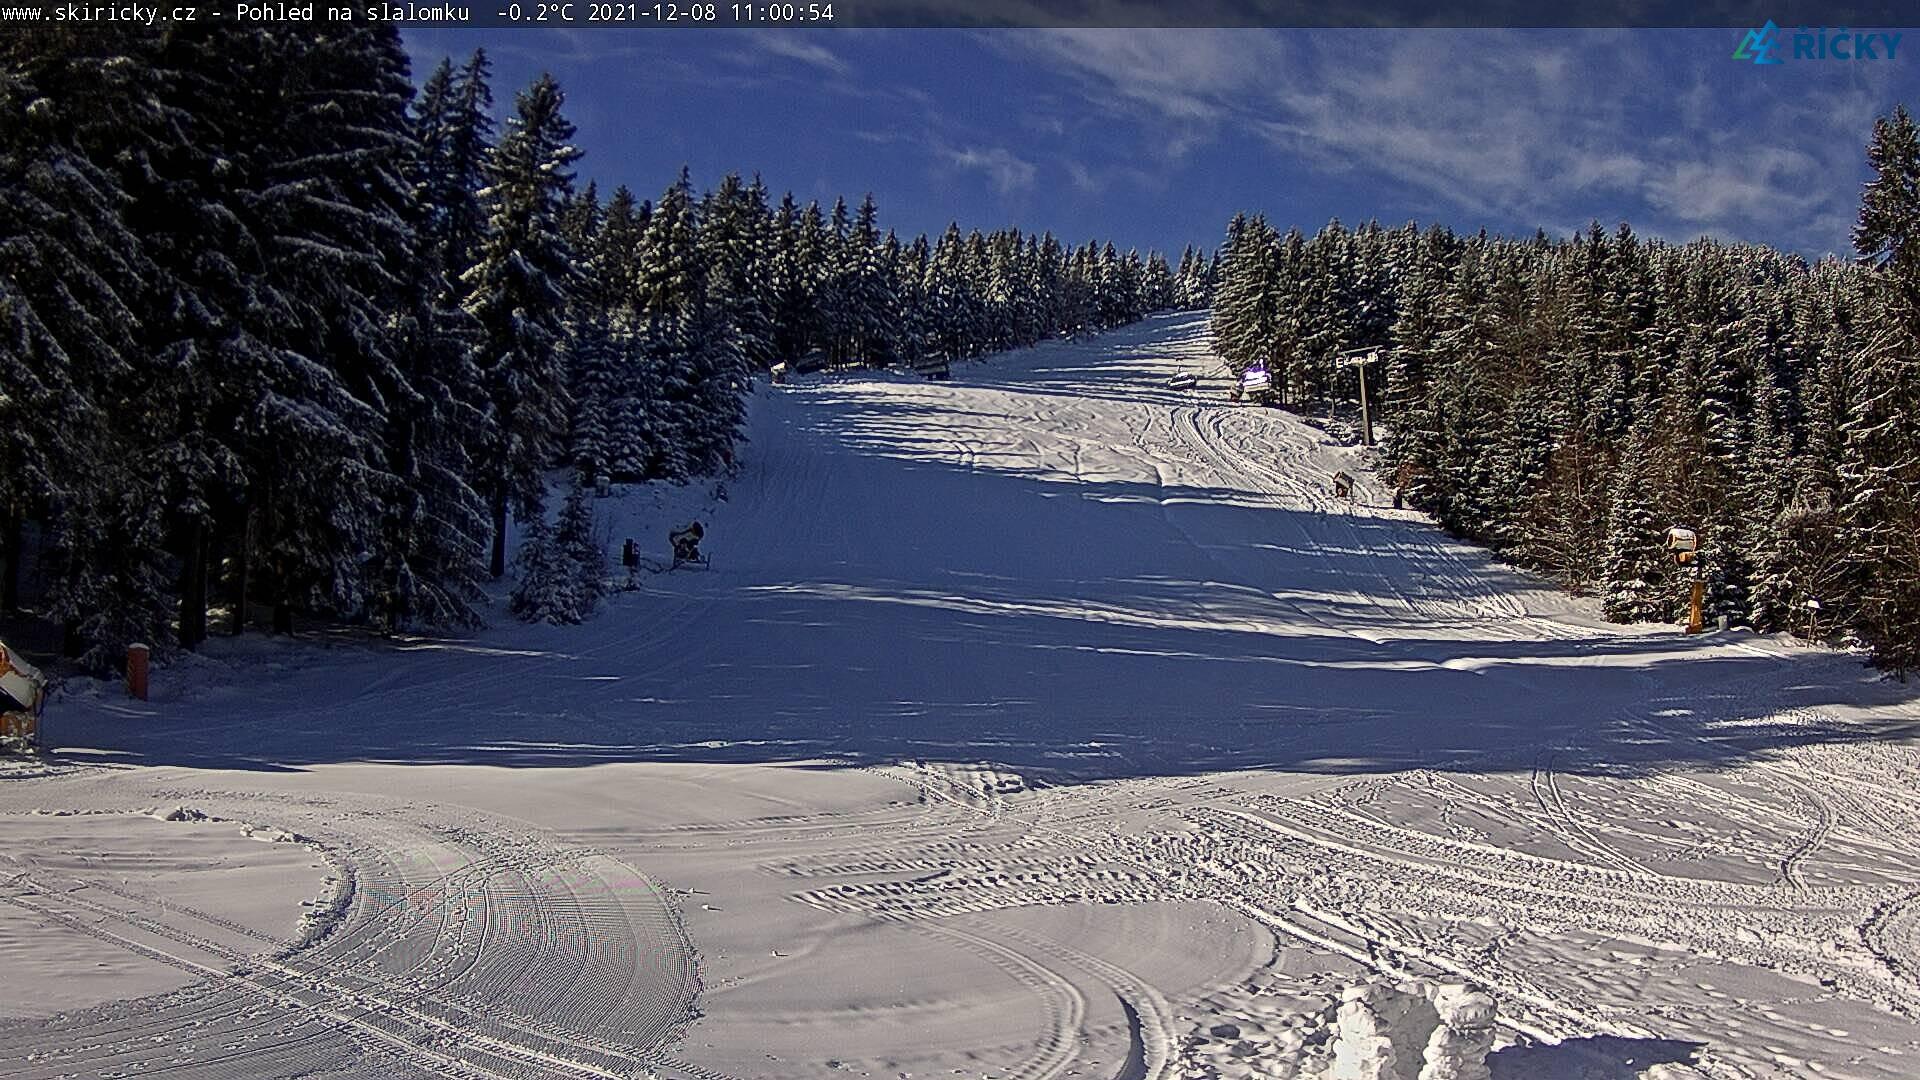 Webcam Skigebied Ricky v O.h. schwarze Piste - Adelaarsgebergte